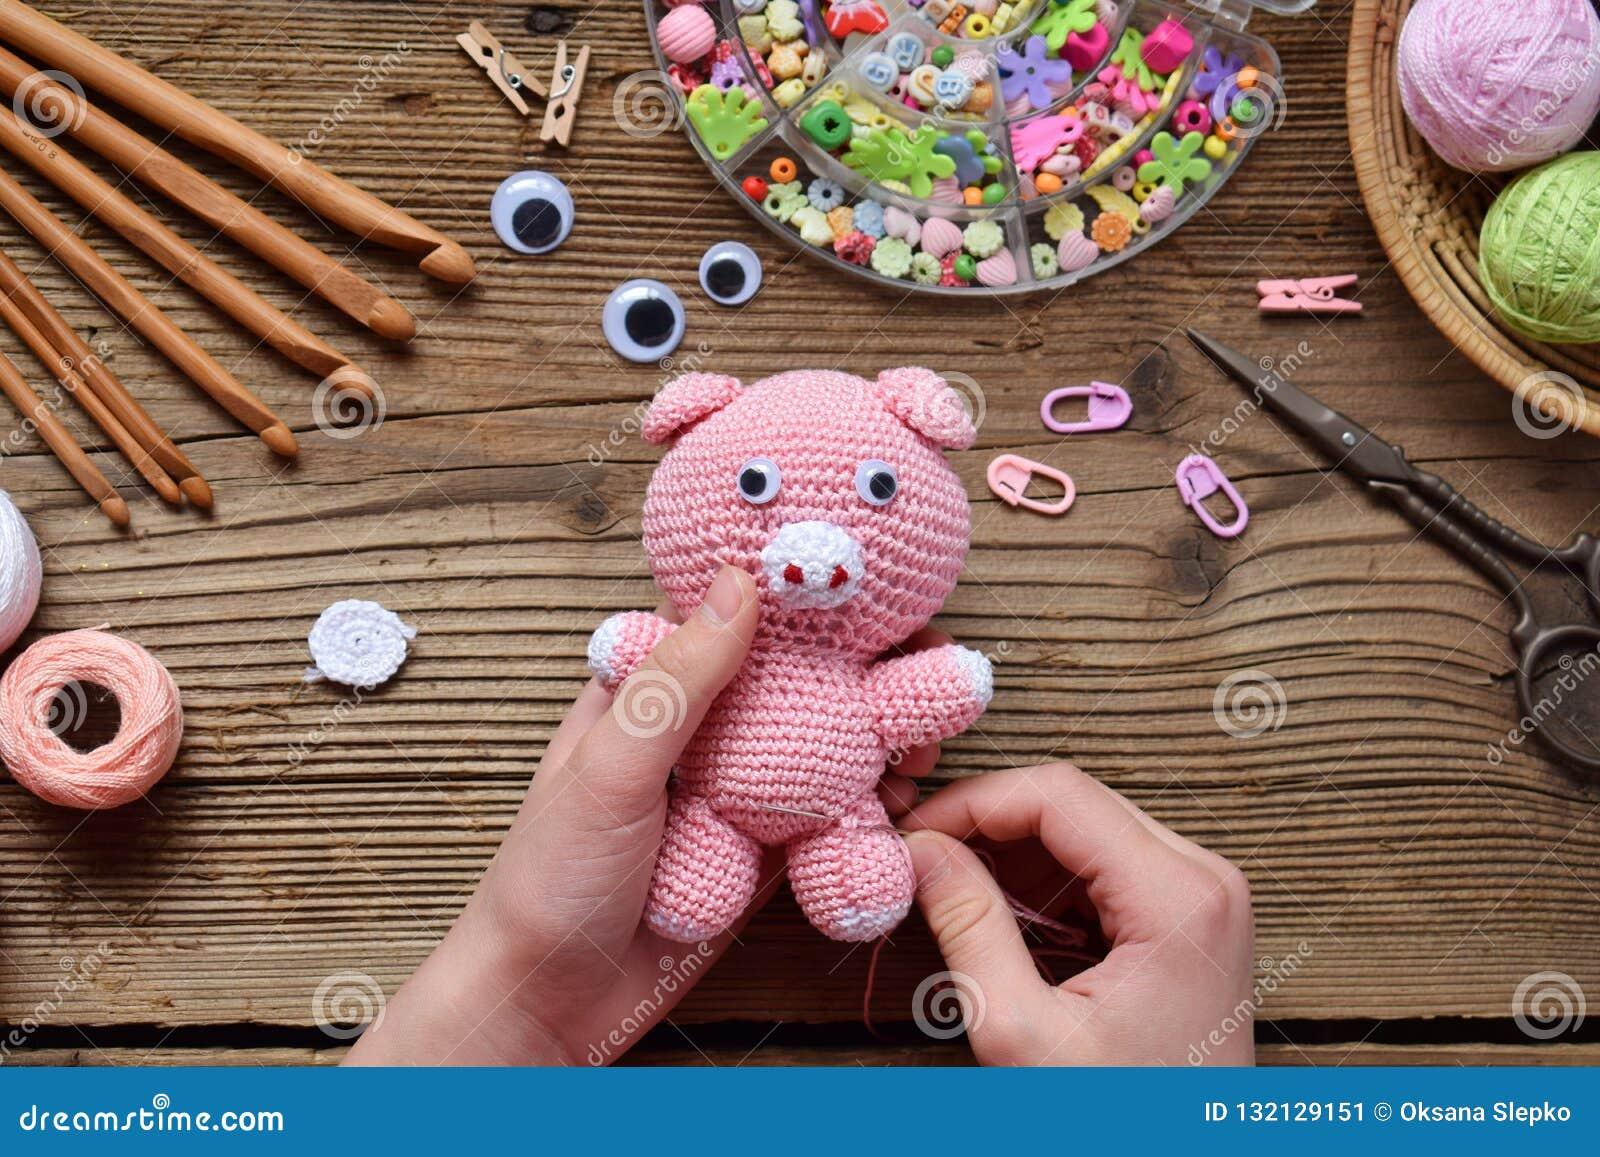 Het maken van roze varken Haak stuk speelgoed voor kind Voor lijstdraden, naalden, haak, katoenen garen Stap 2 - om alle details